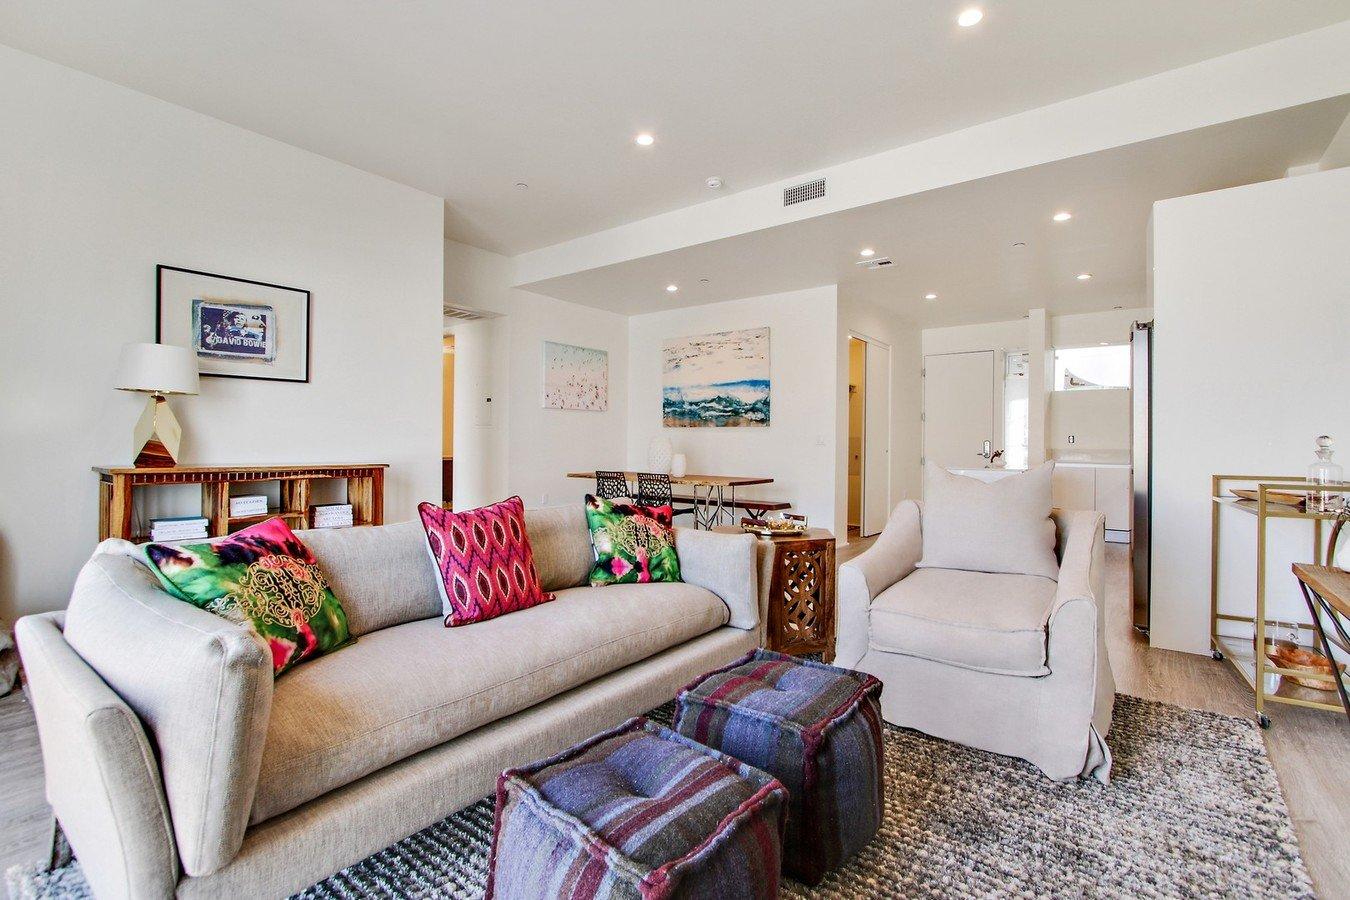 Ten 38 Lofts Apartments Los Angeles, CA